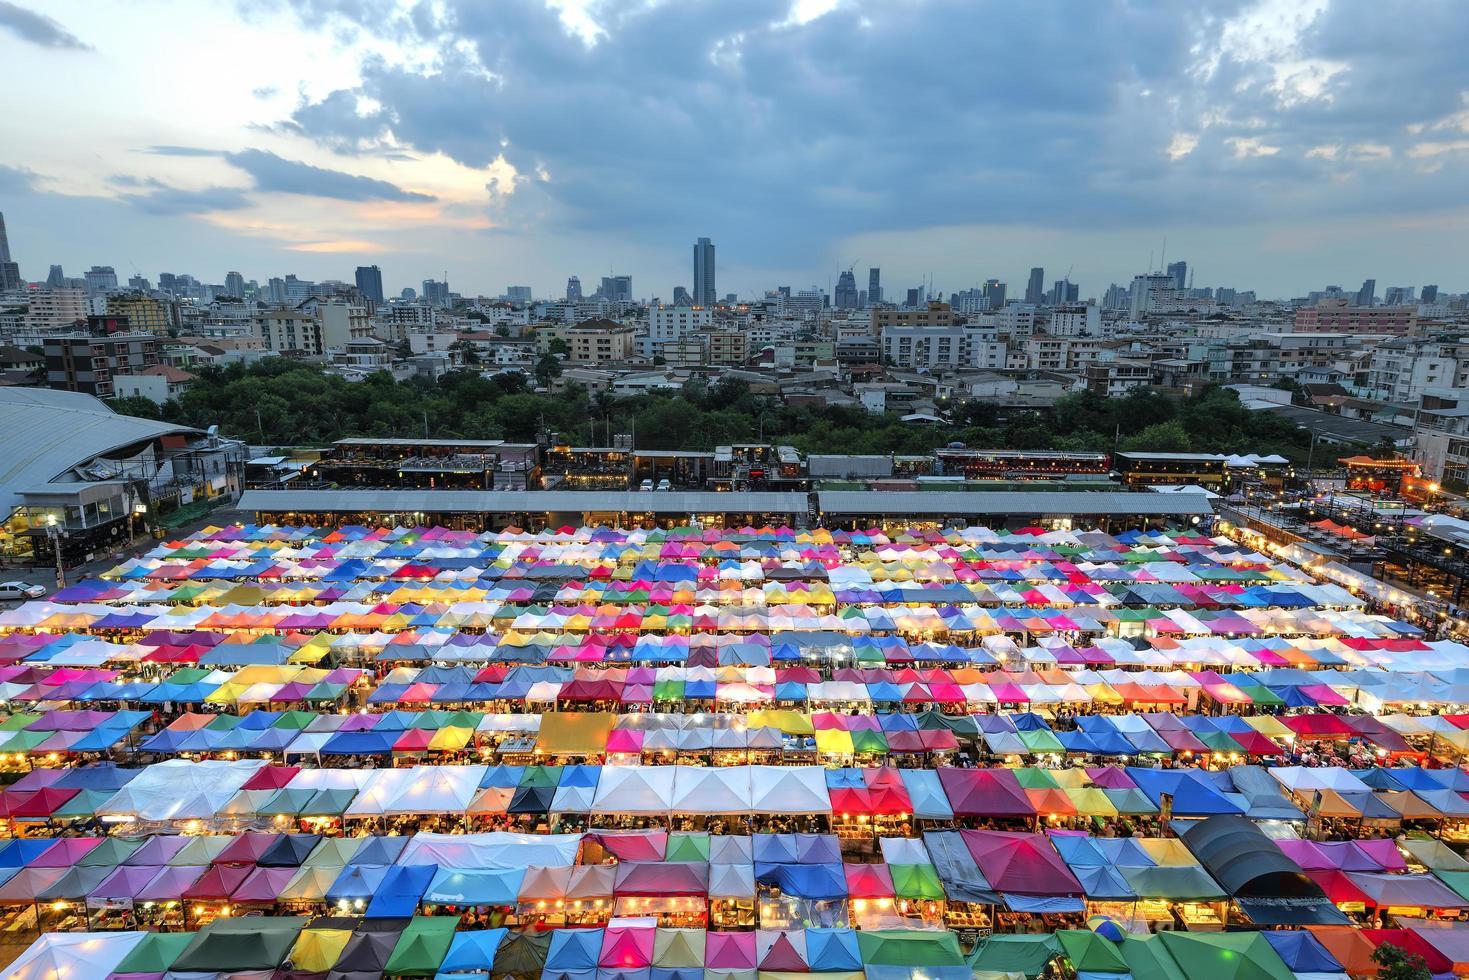 tende colorate al mercato notturno di ratchada foto